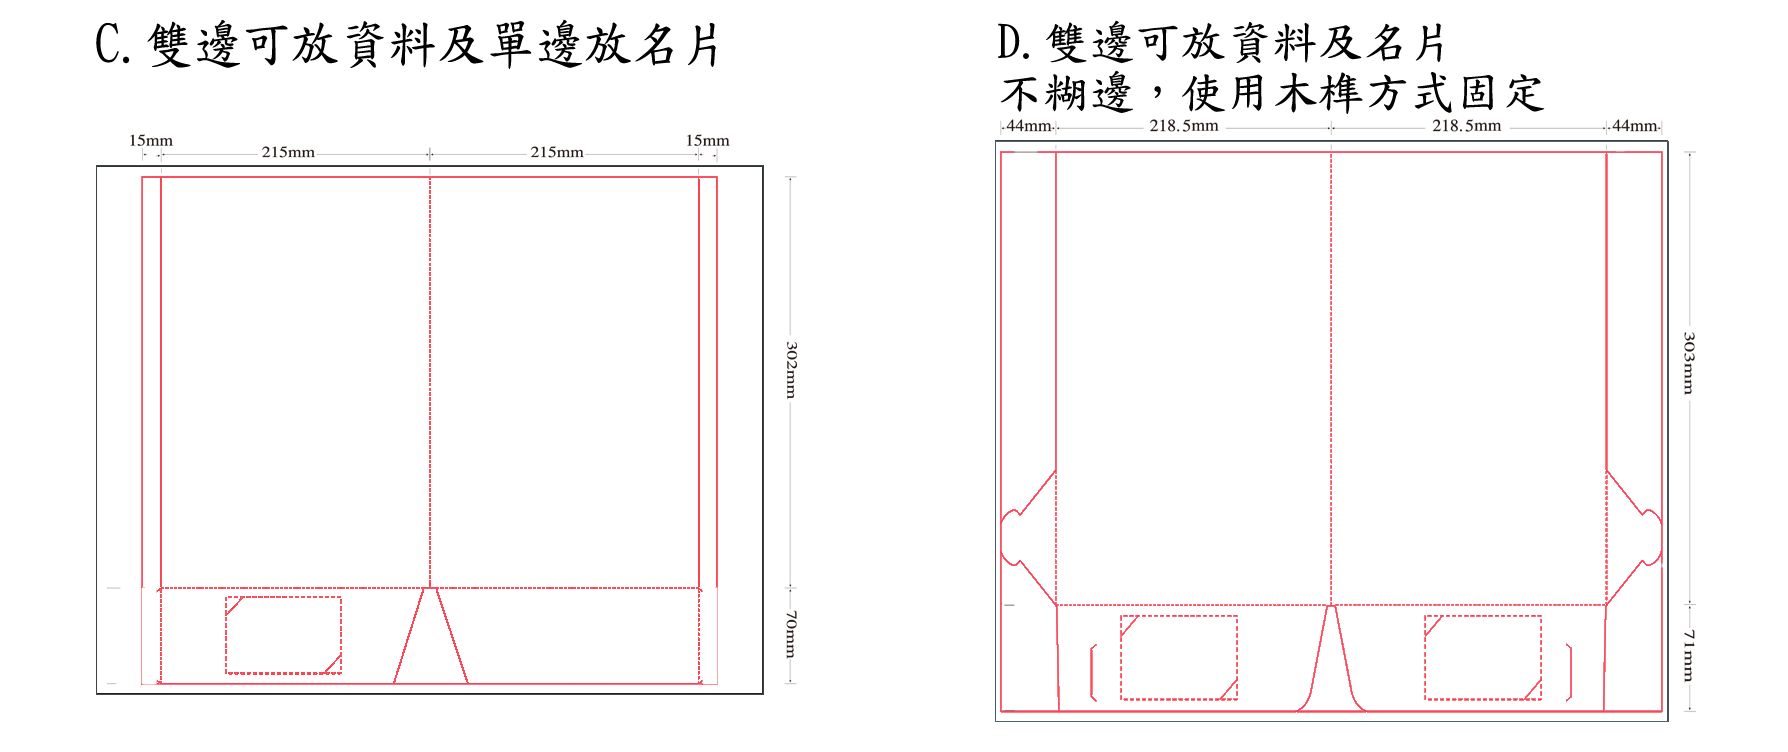 C、D類型紙製資料夾示意圖